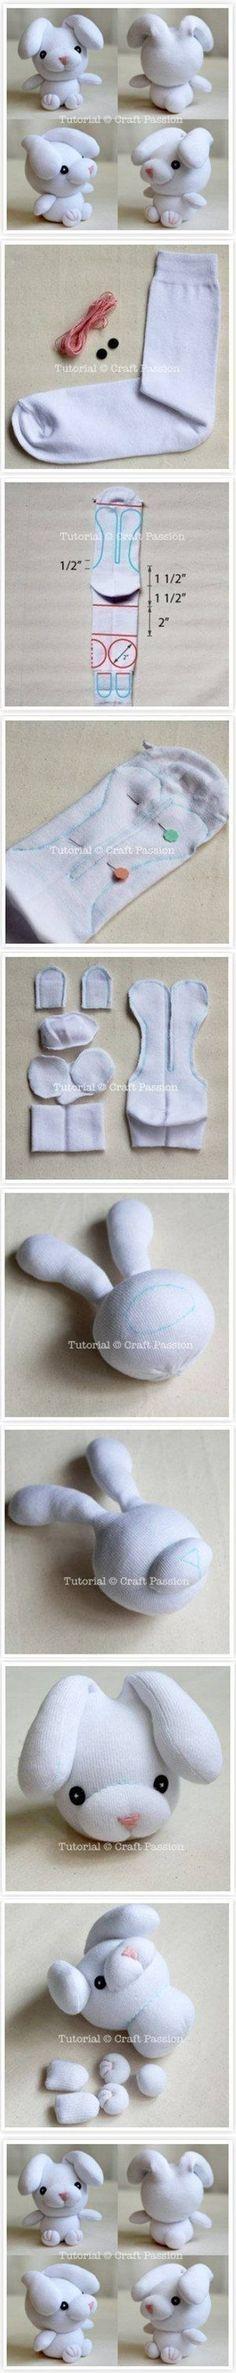 DIY Bunny peluches de conejito